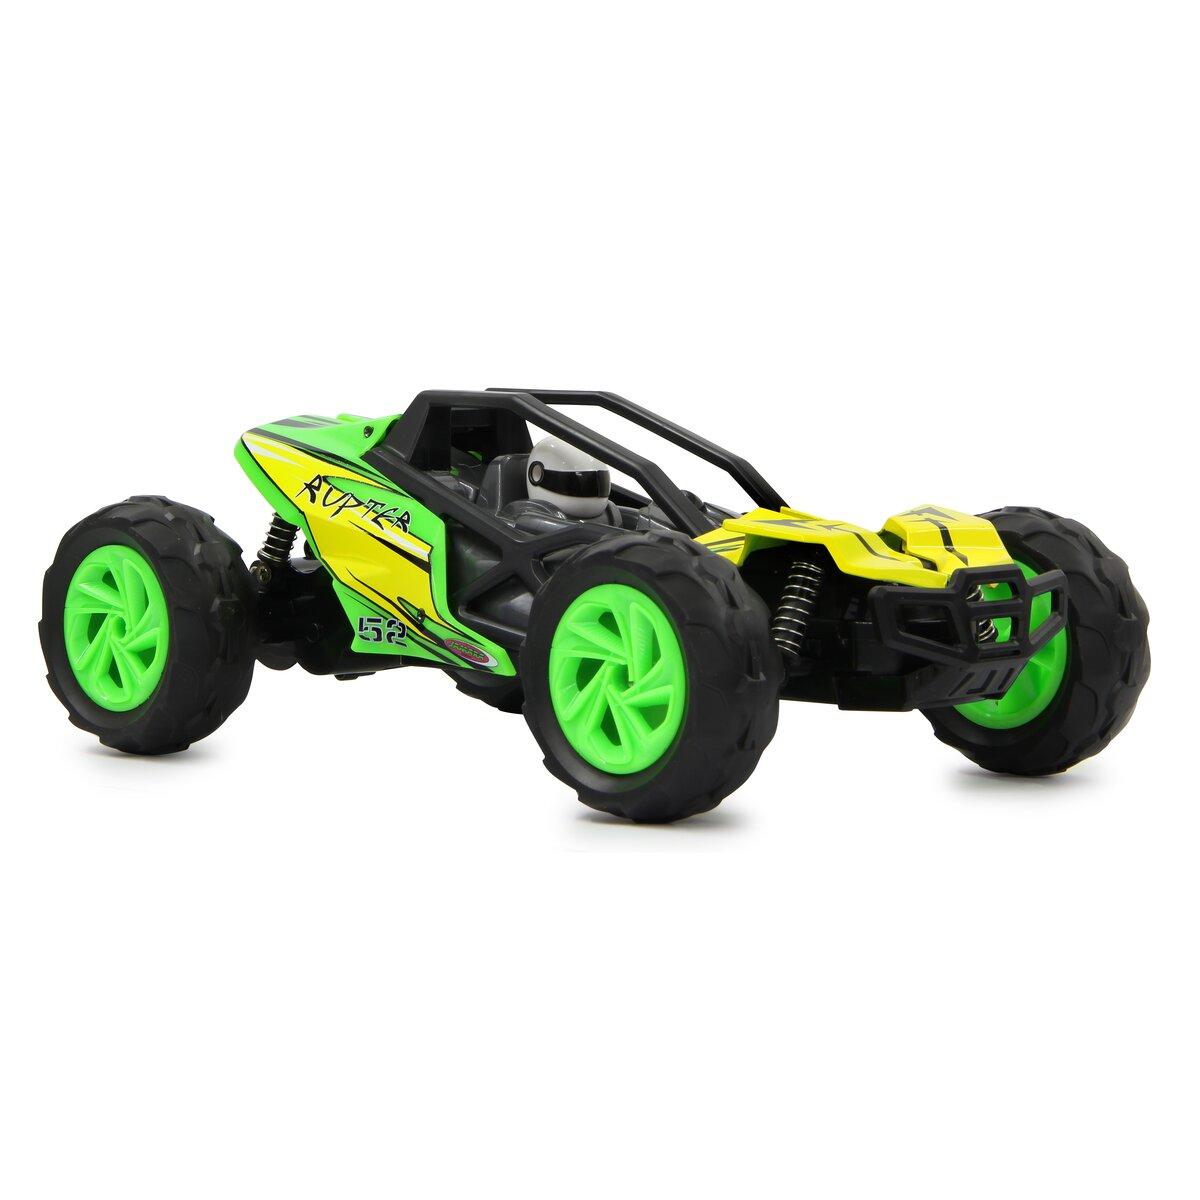 Jamara Rupter Buggy